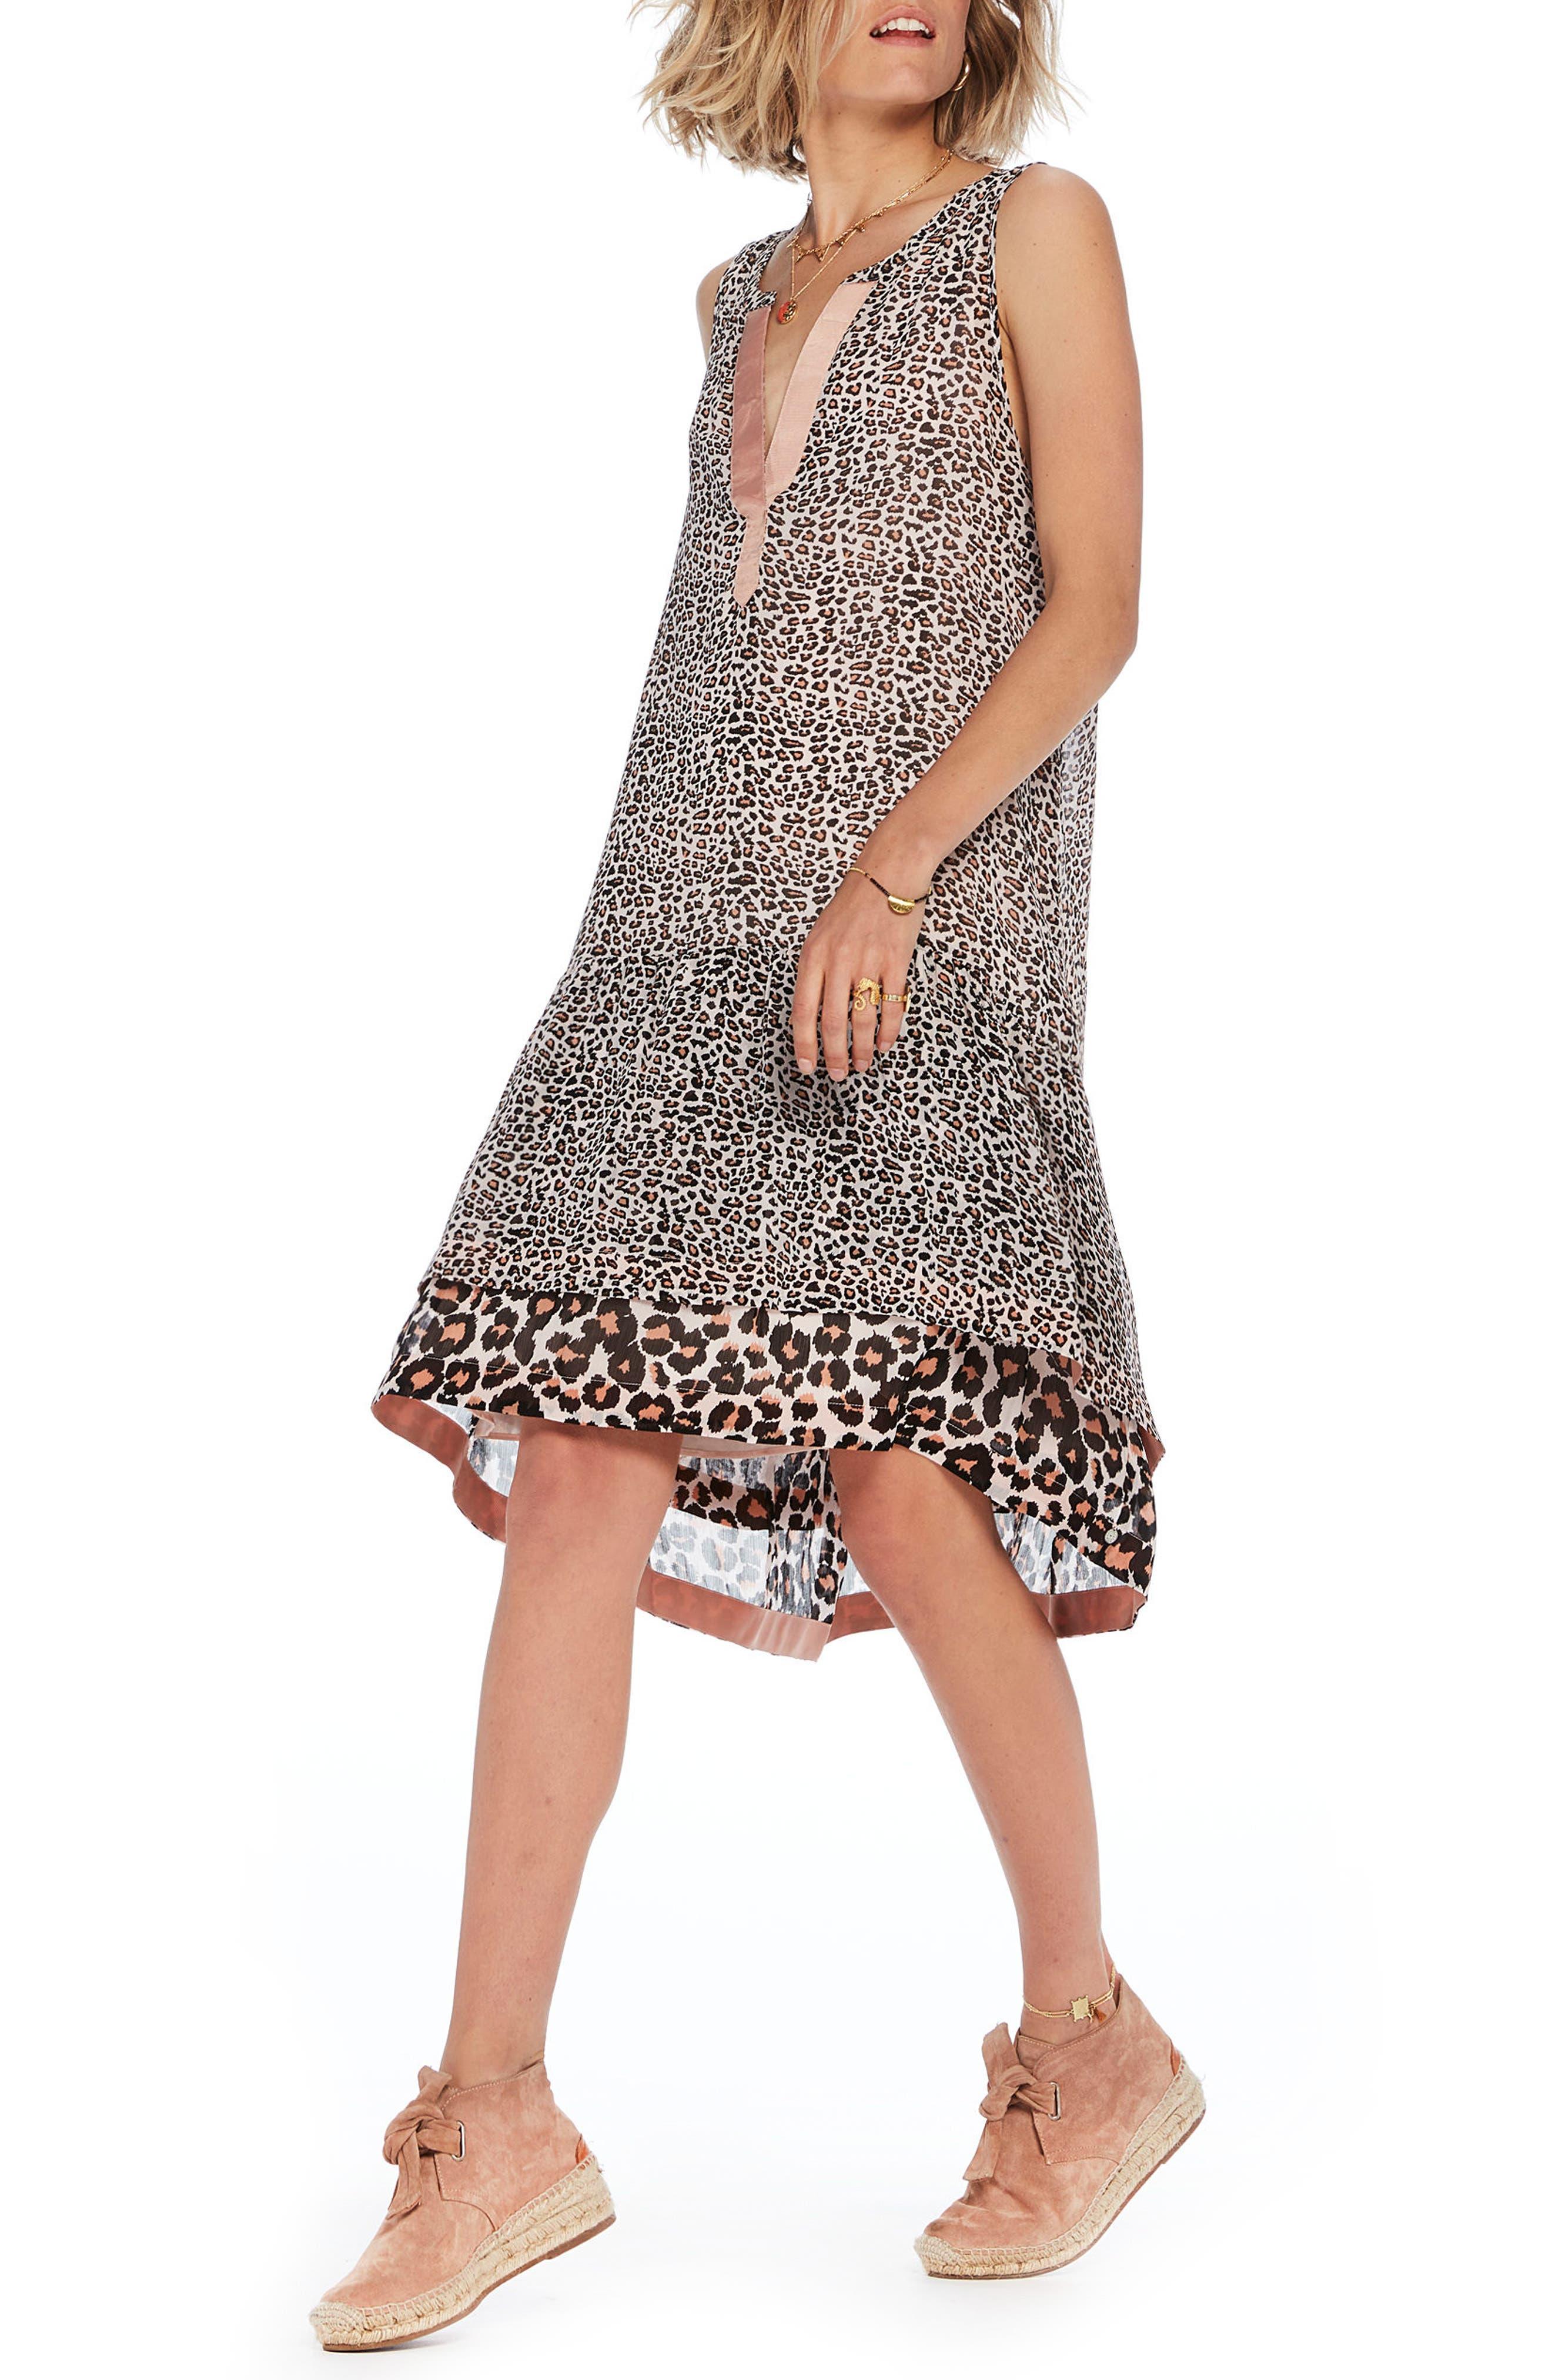 Main Image - Scotch & Soda Animal Print Shift Dress